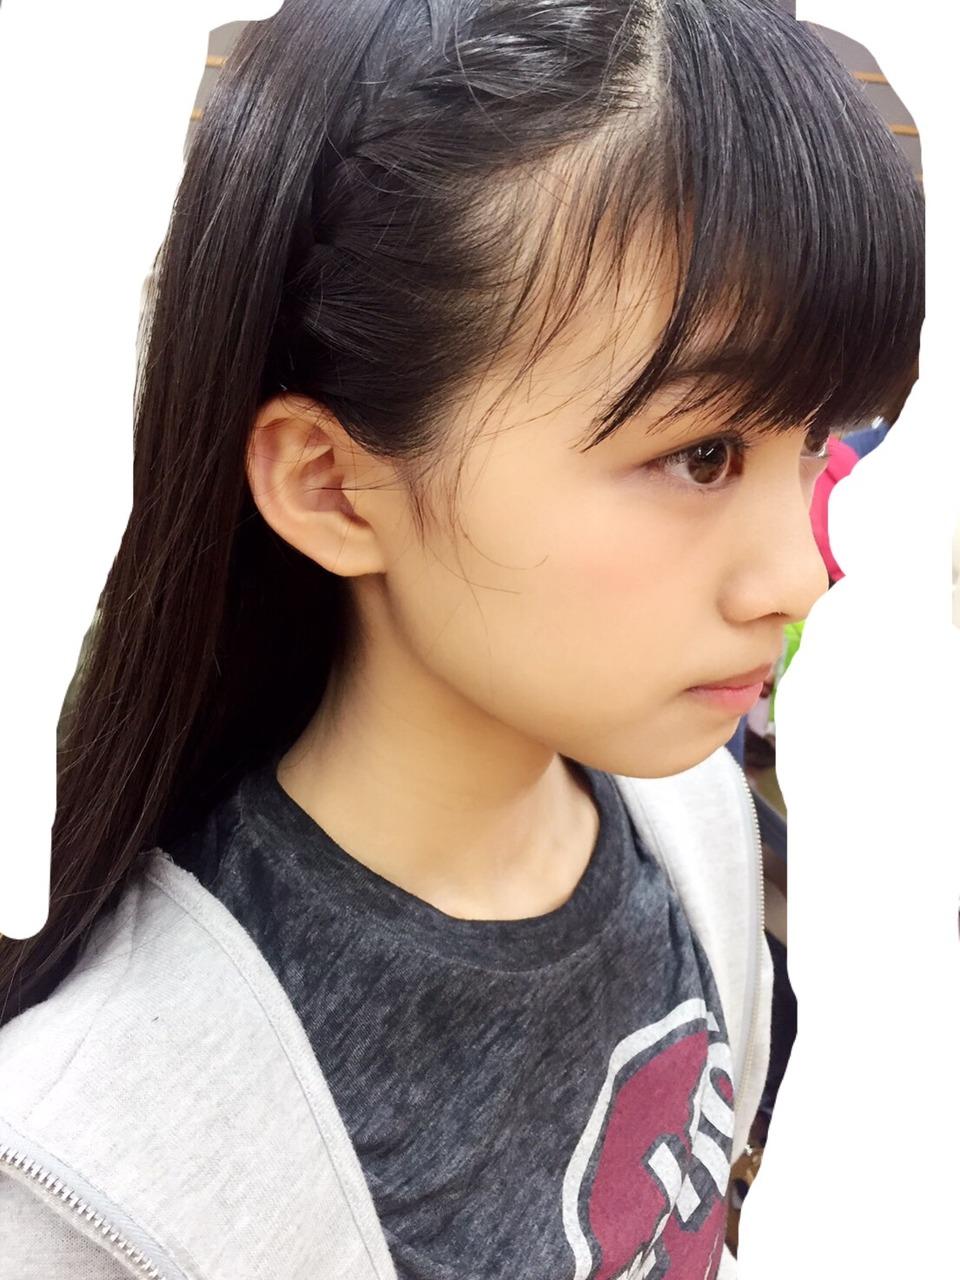 松田聖子セクシードレス投稿画像609枚&壇蜜 gif